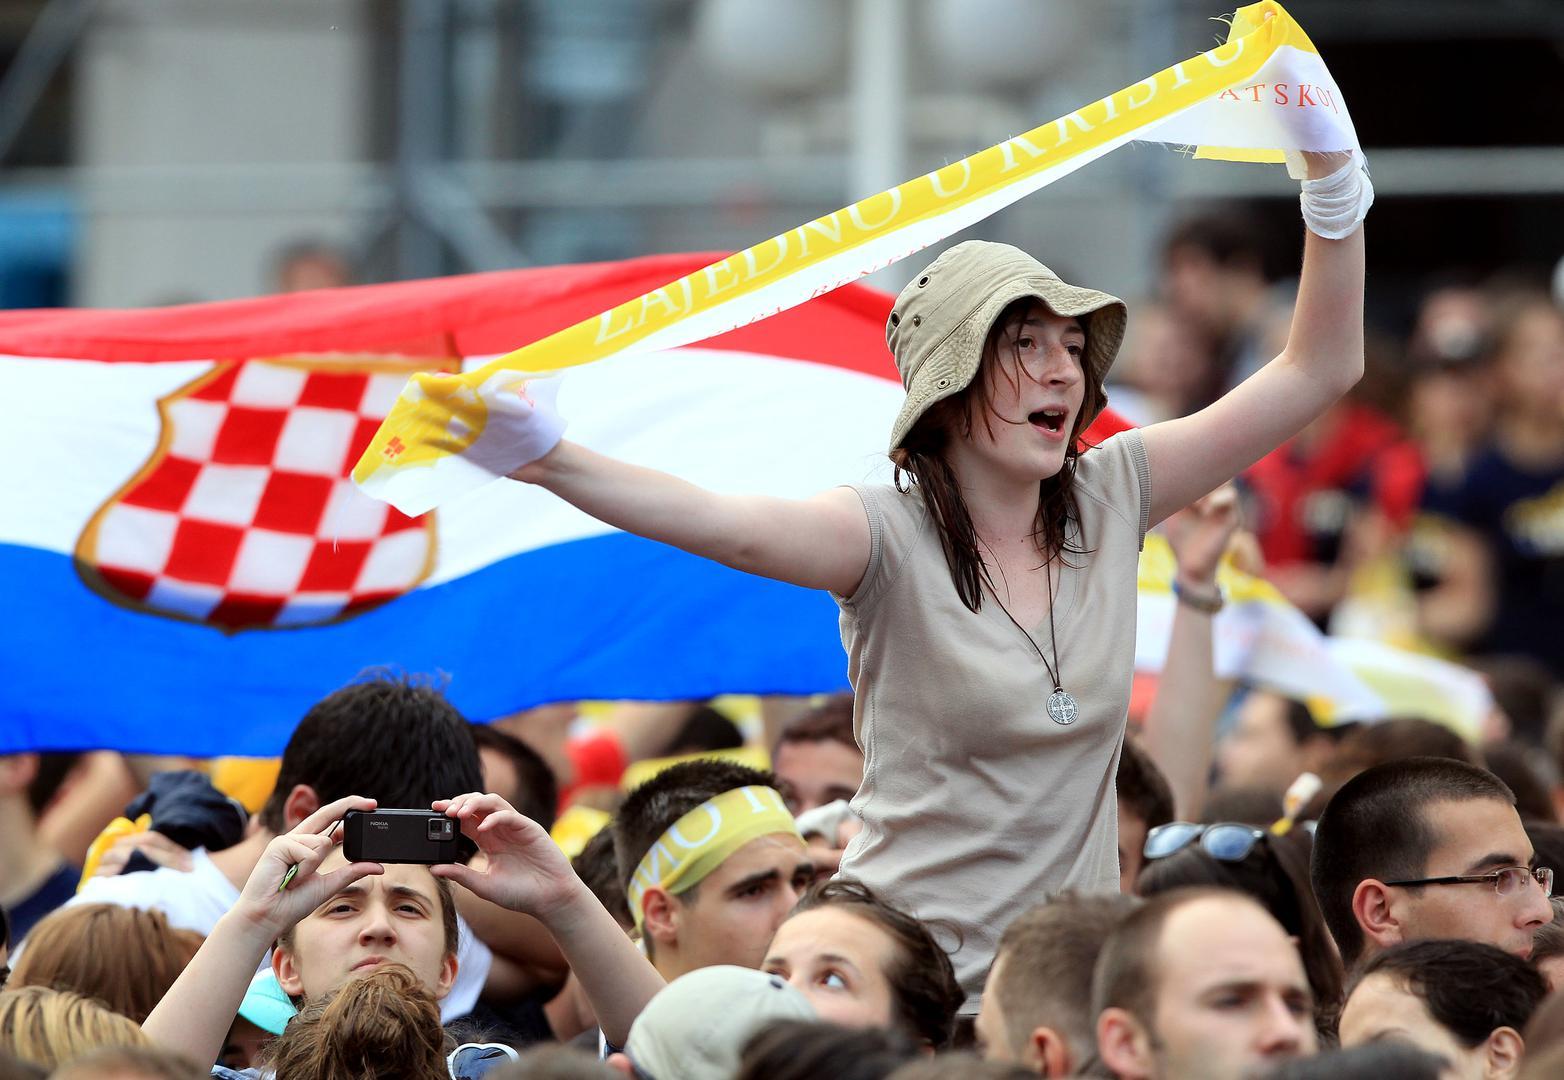 Hrvata katolika danas kao kada je završila osmanlijska okupacija